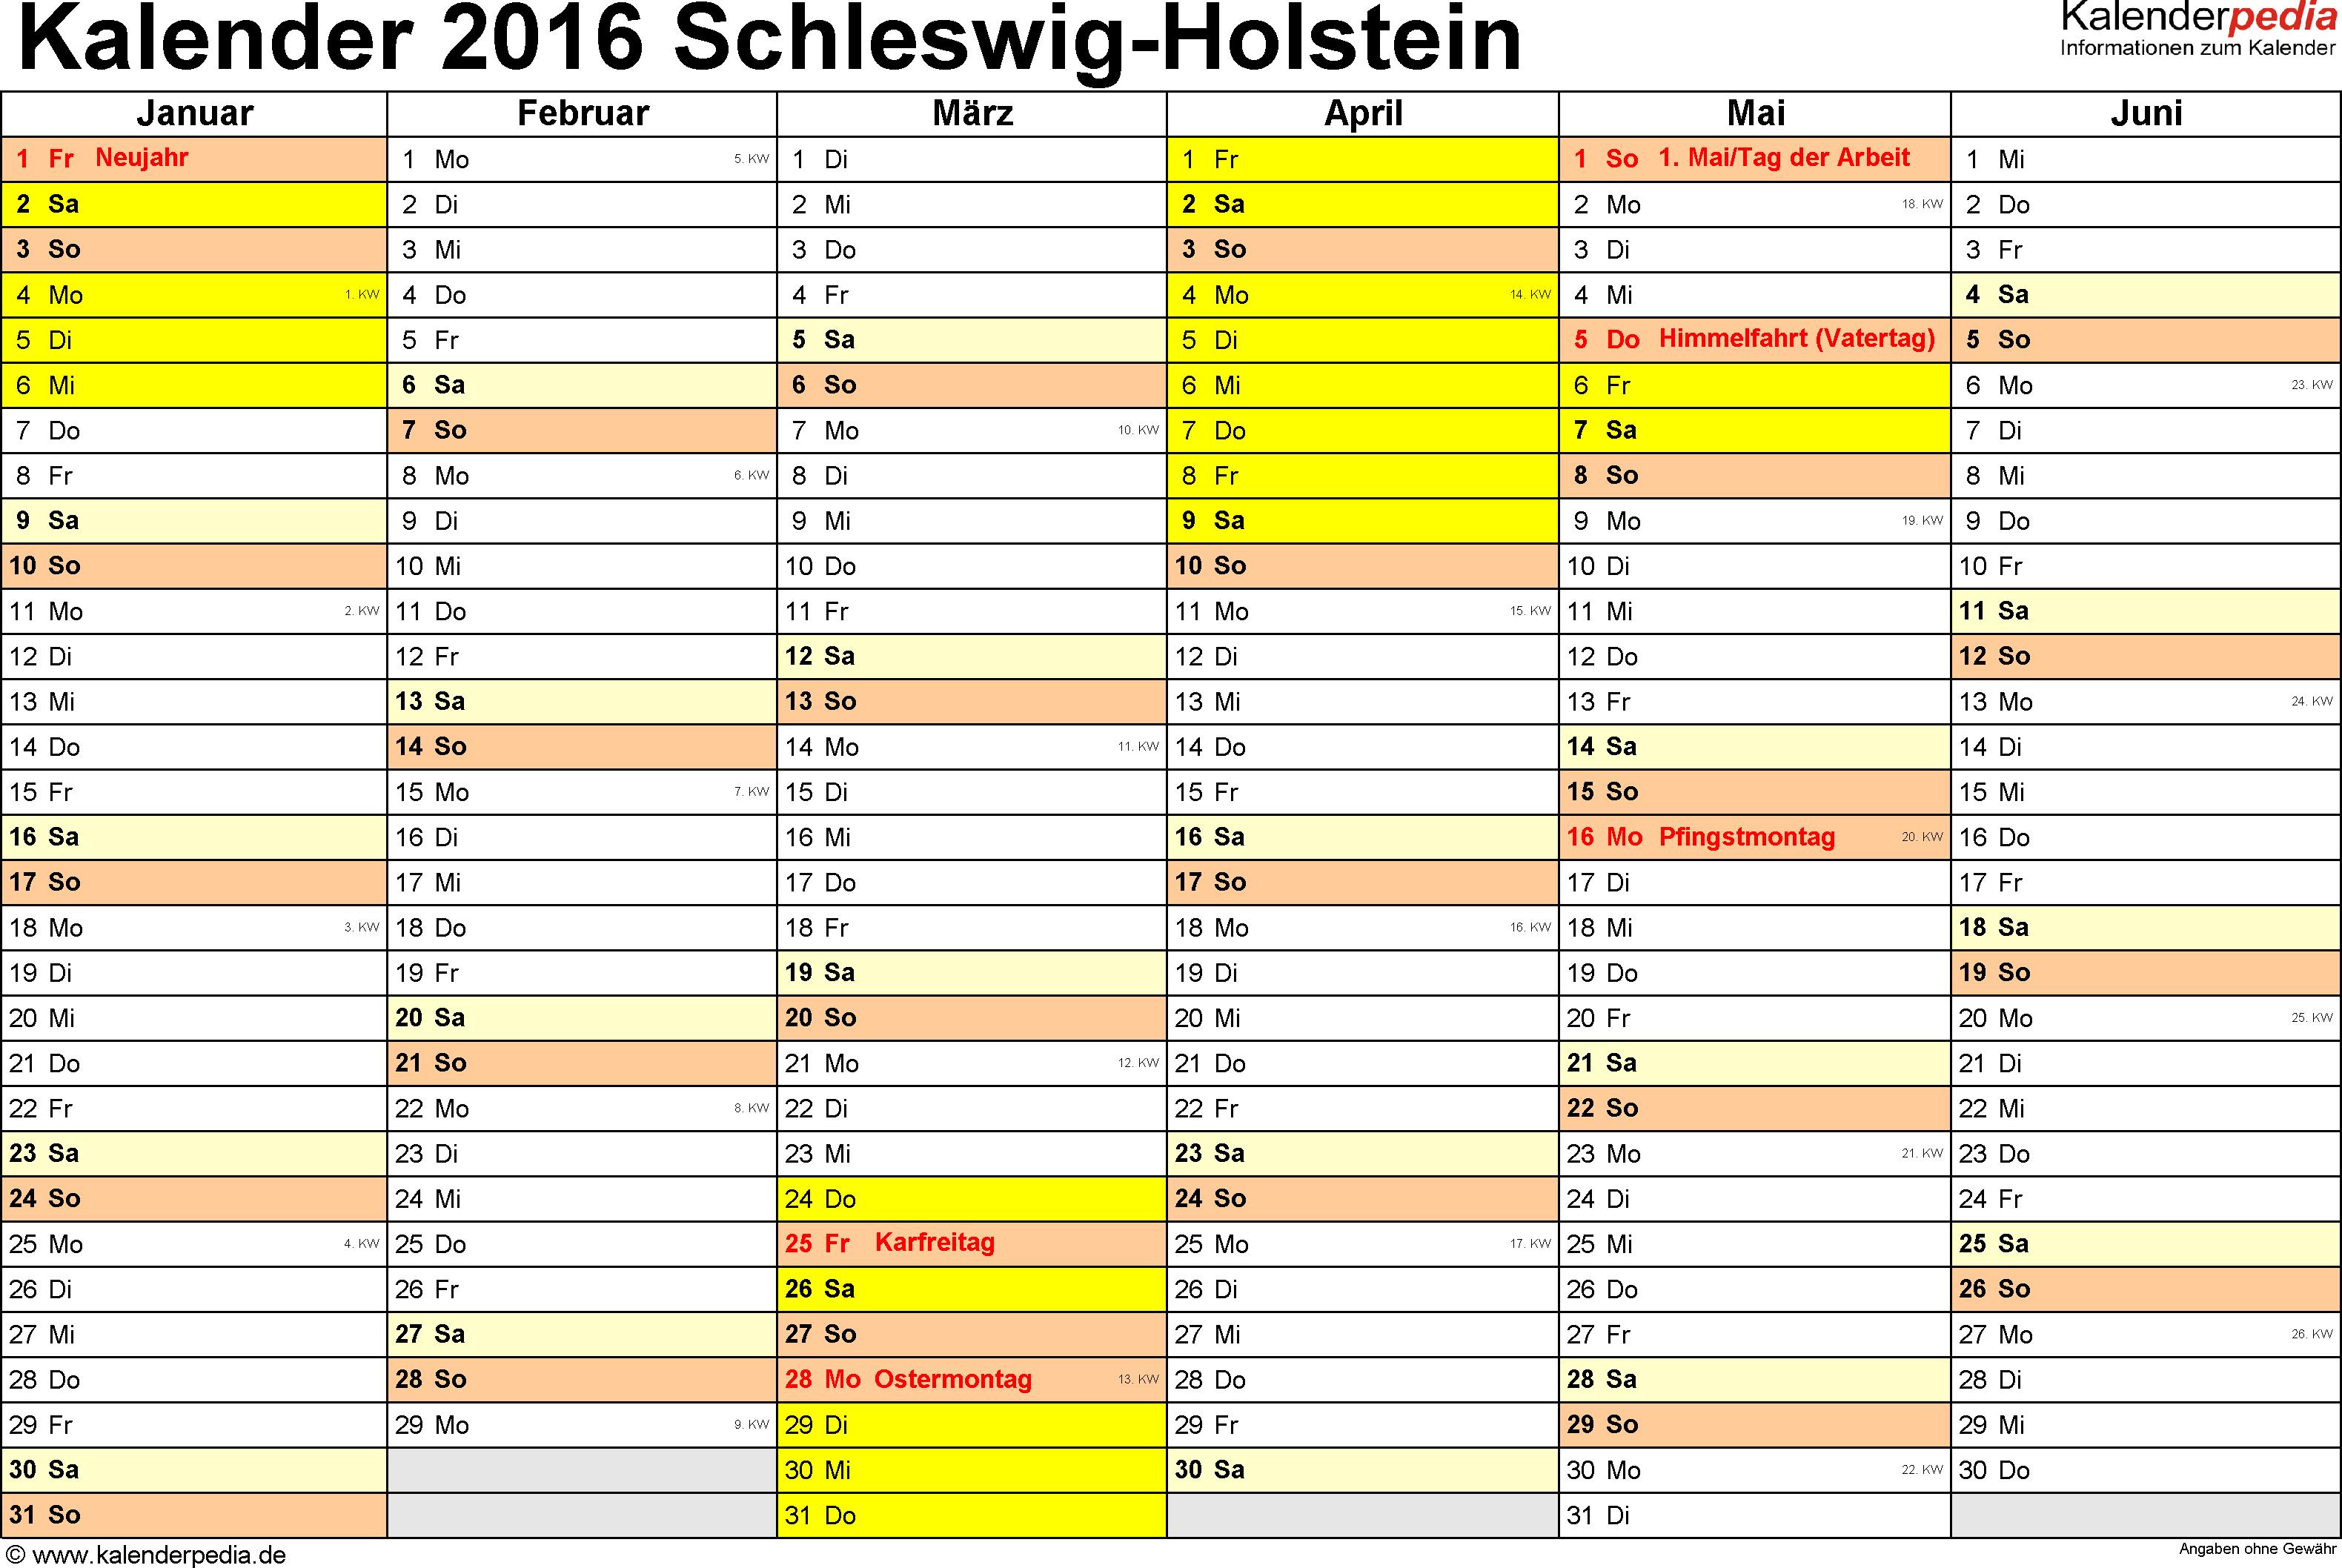 Vorlage 2: Kalender 2016 für Schleswig-Holstein als Excel-Vorlage (Querformat, 2 Seiten)